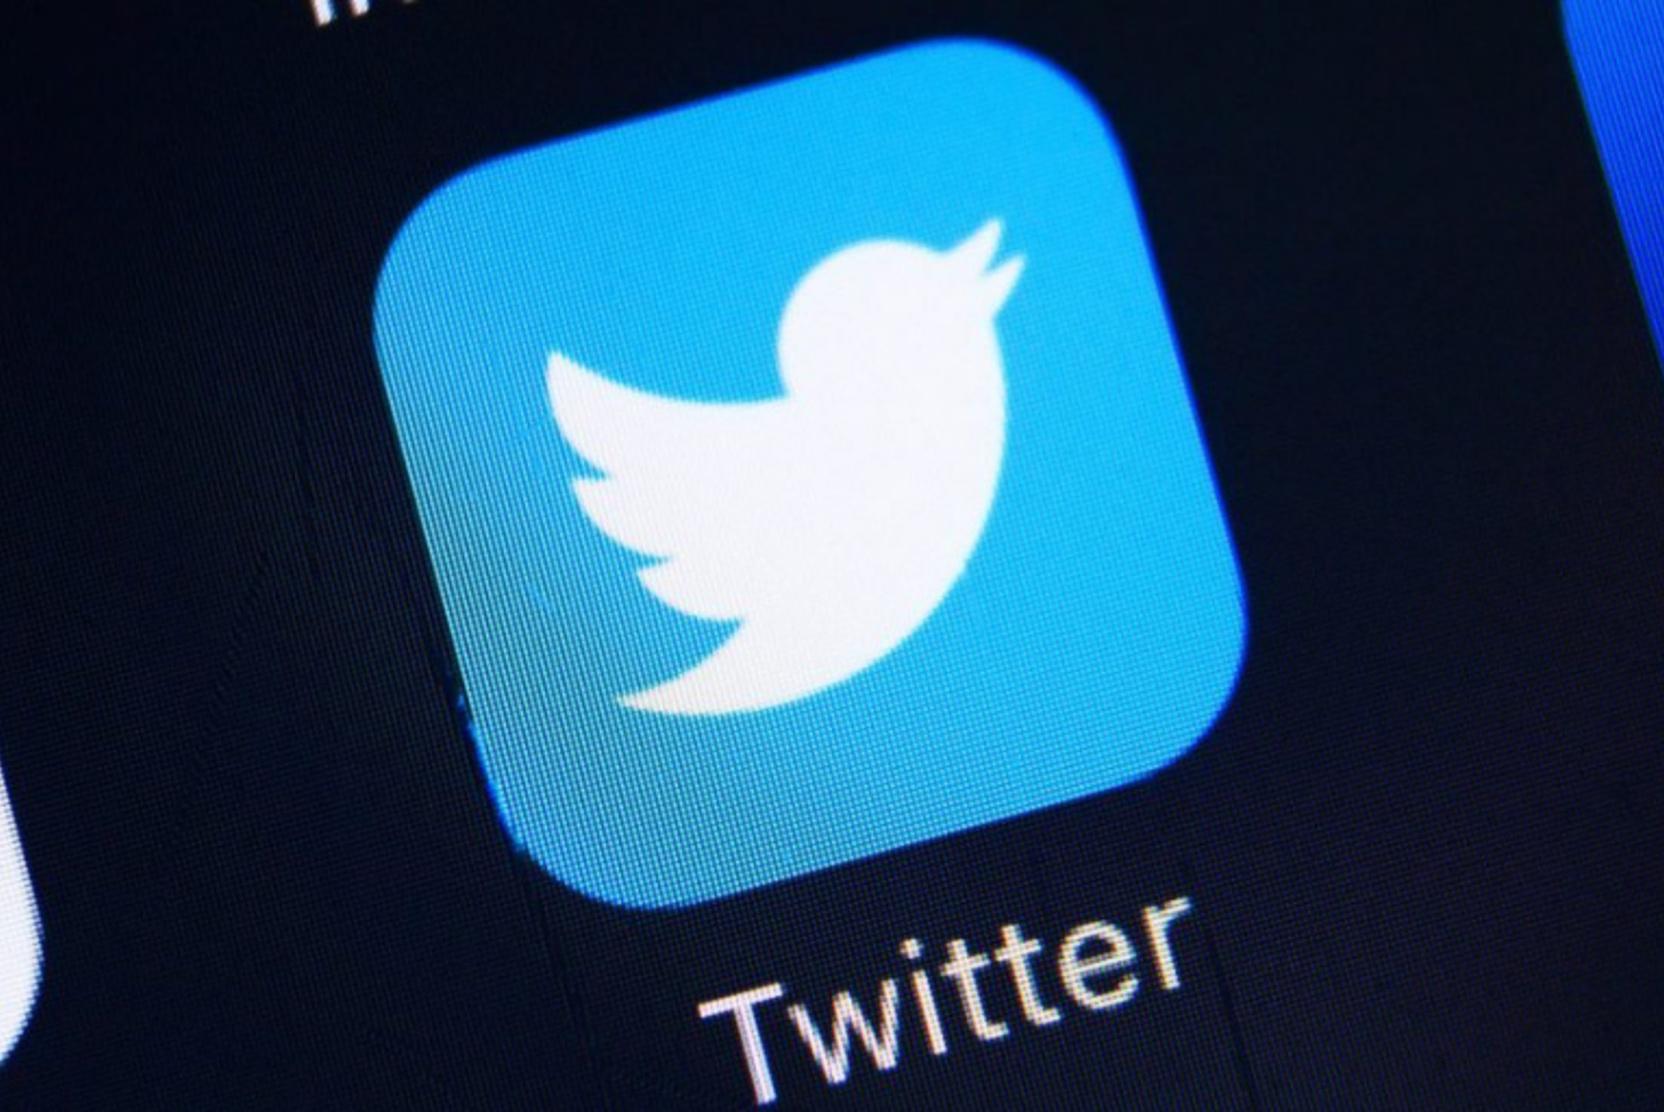 Новости за ночь: Хакеры взломали Twitter-аккаунты Маска, Обамы и других знаменитостей